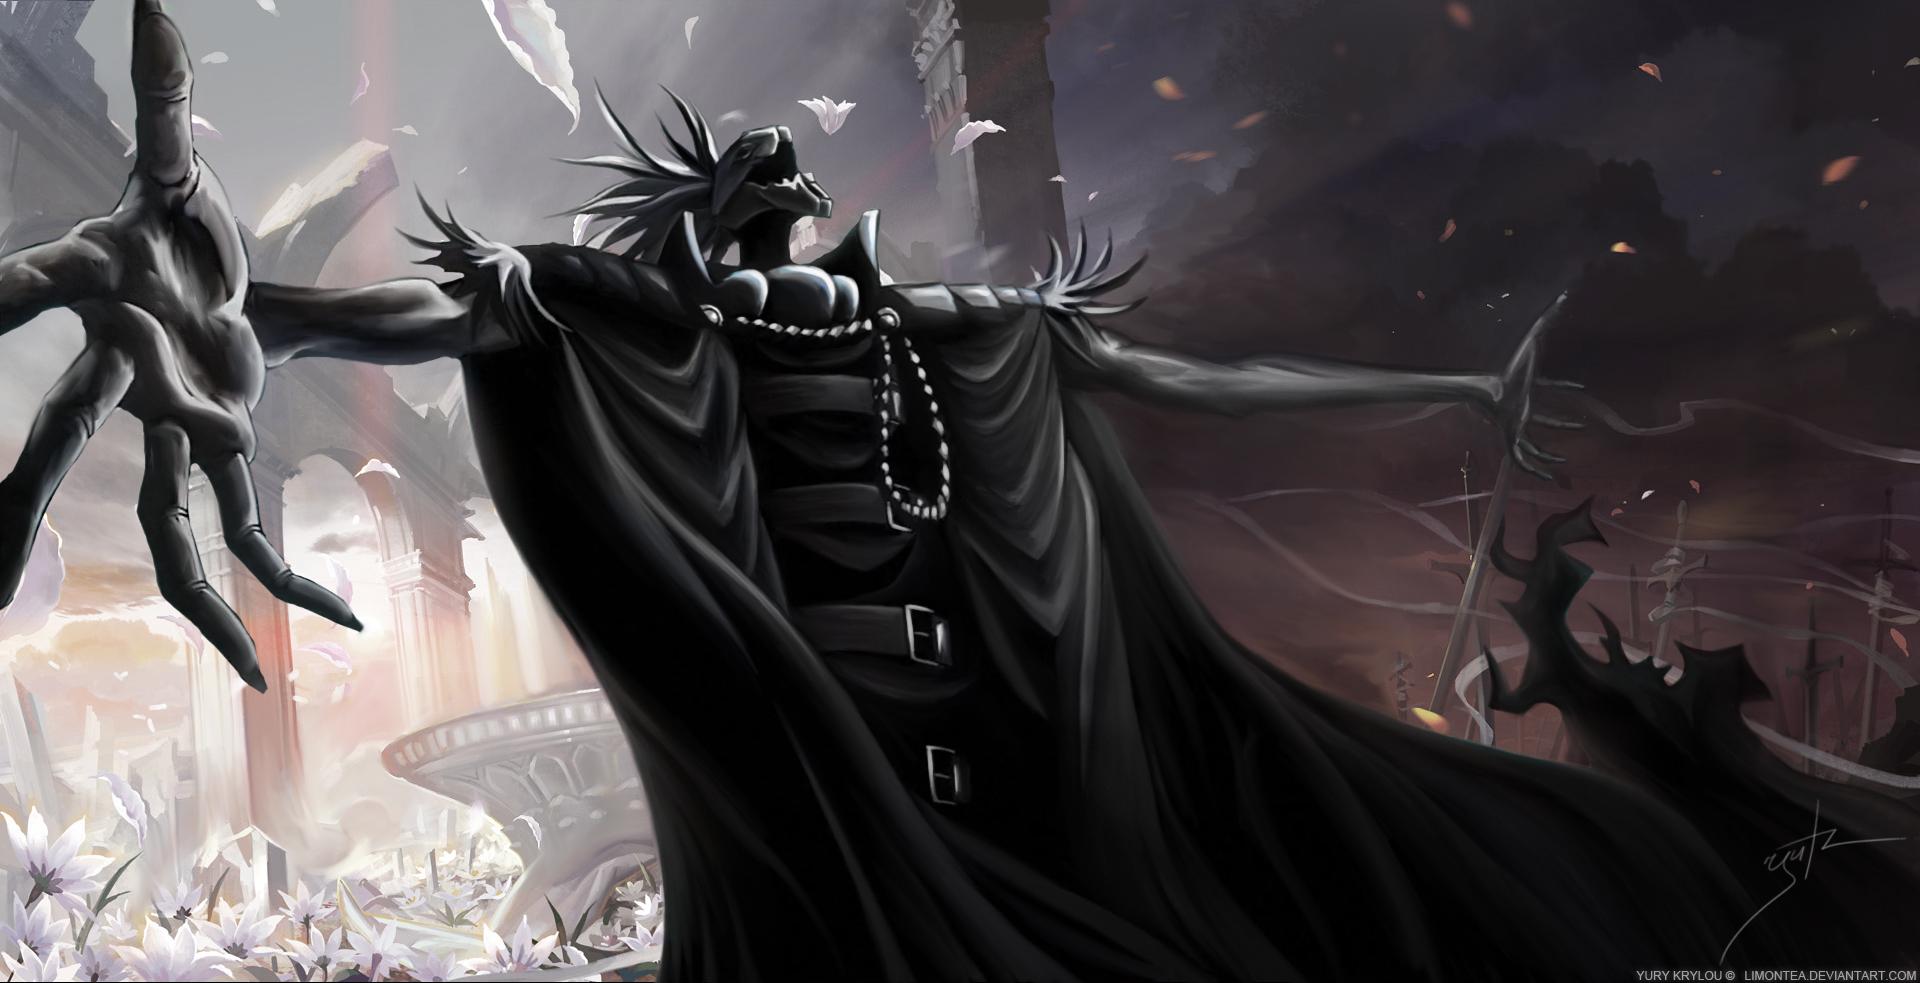 Dying God Deus Ex Machina[Mirai Nikki] by LimonTea